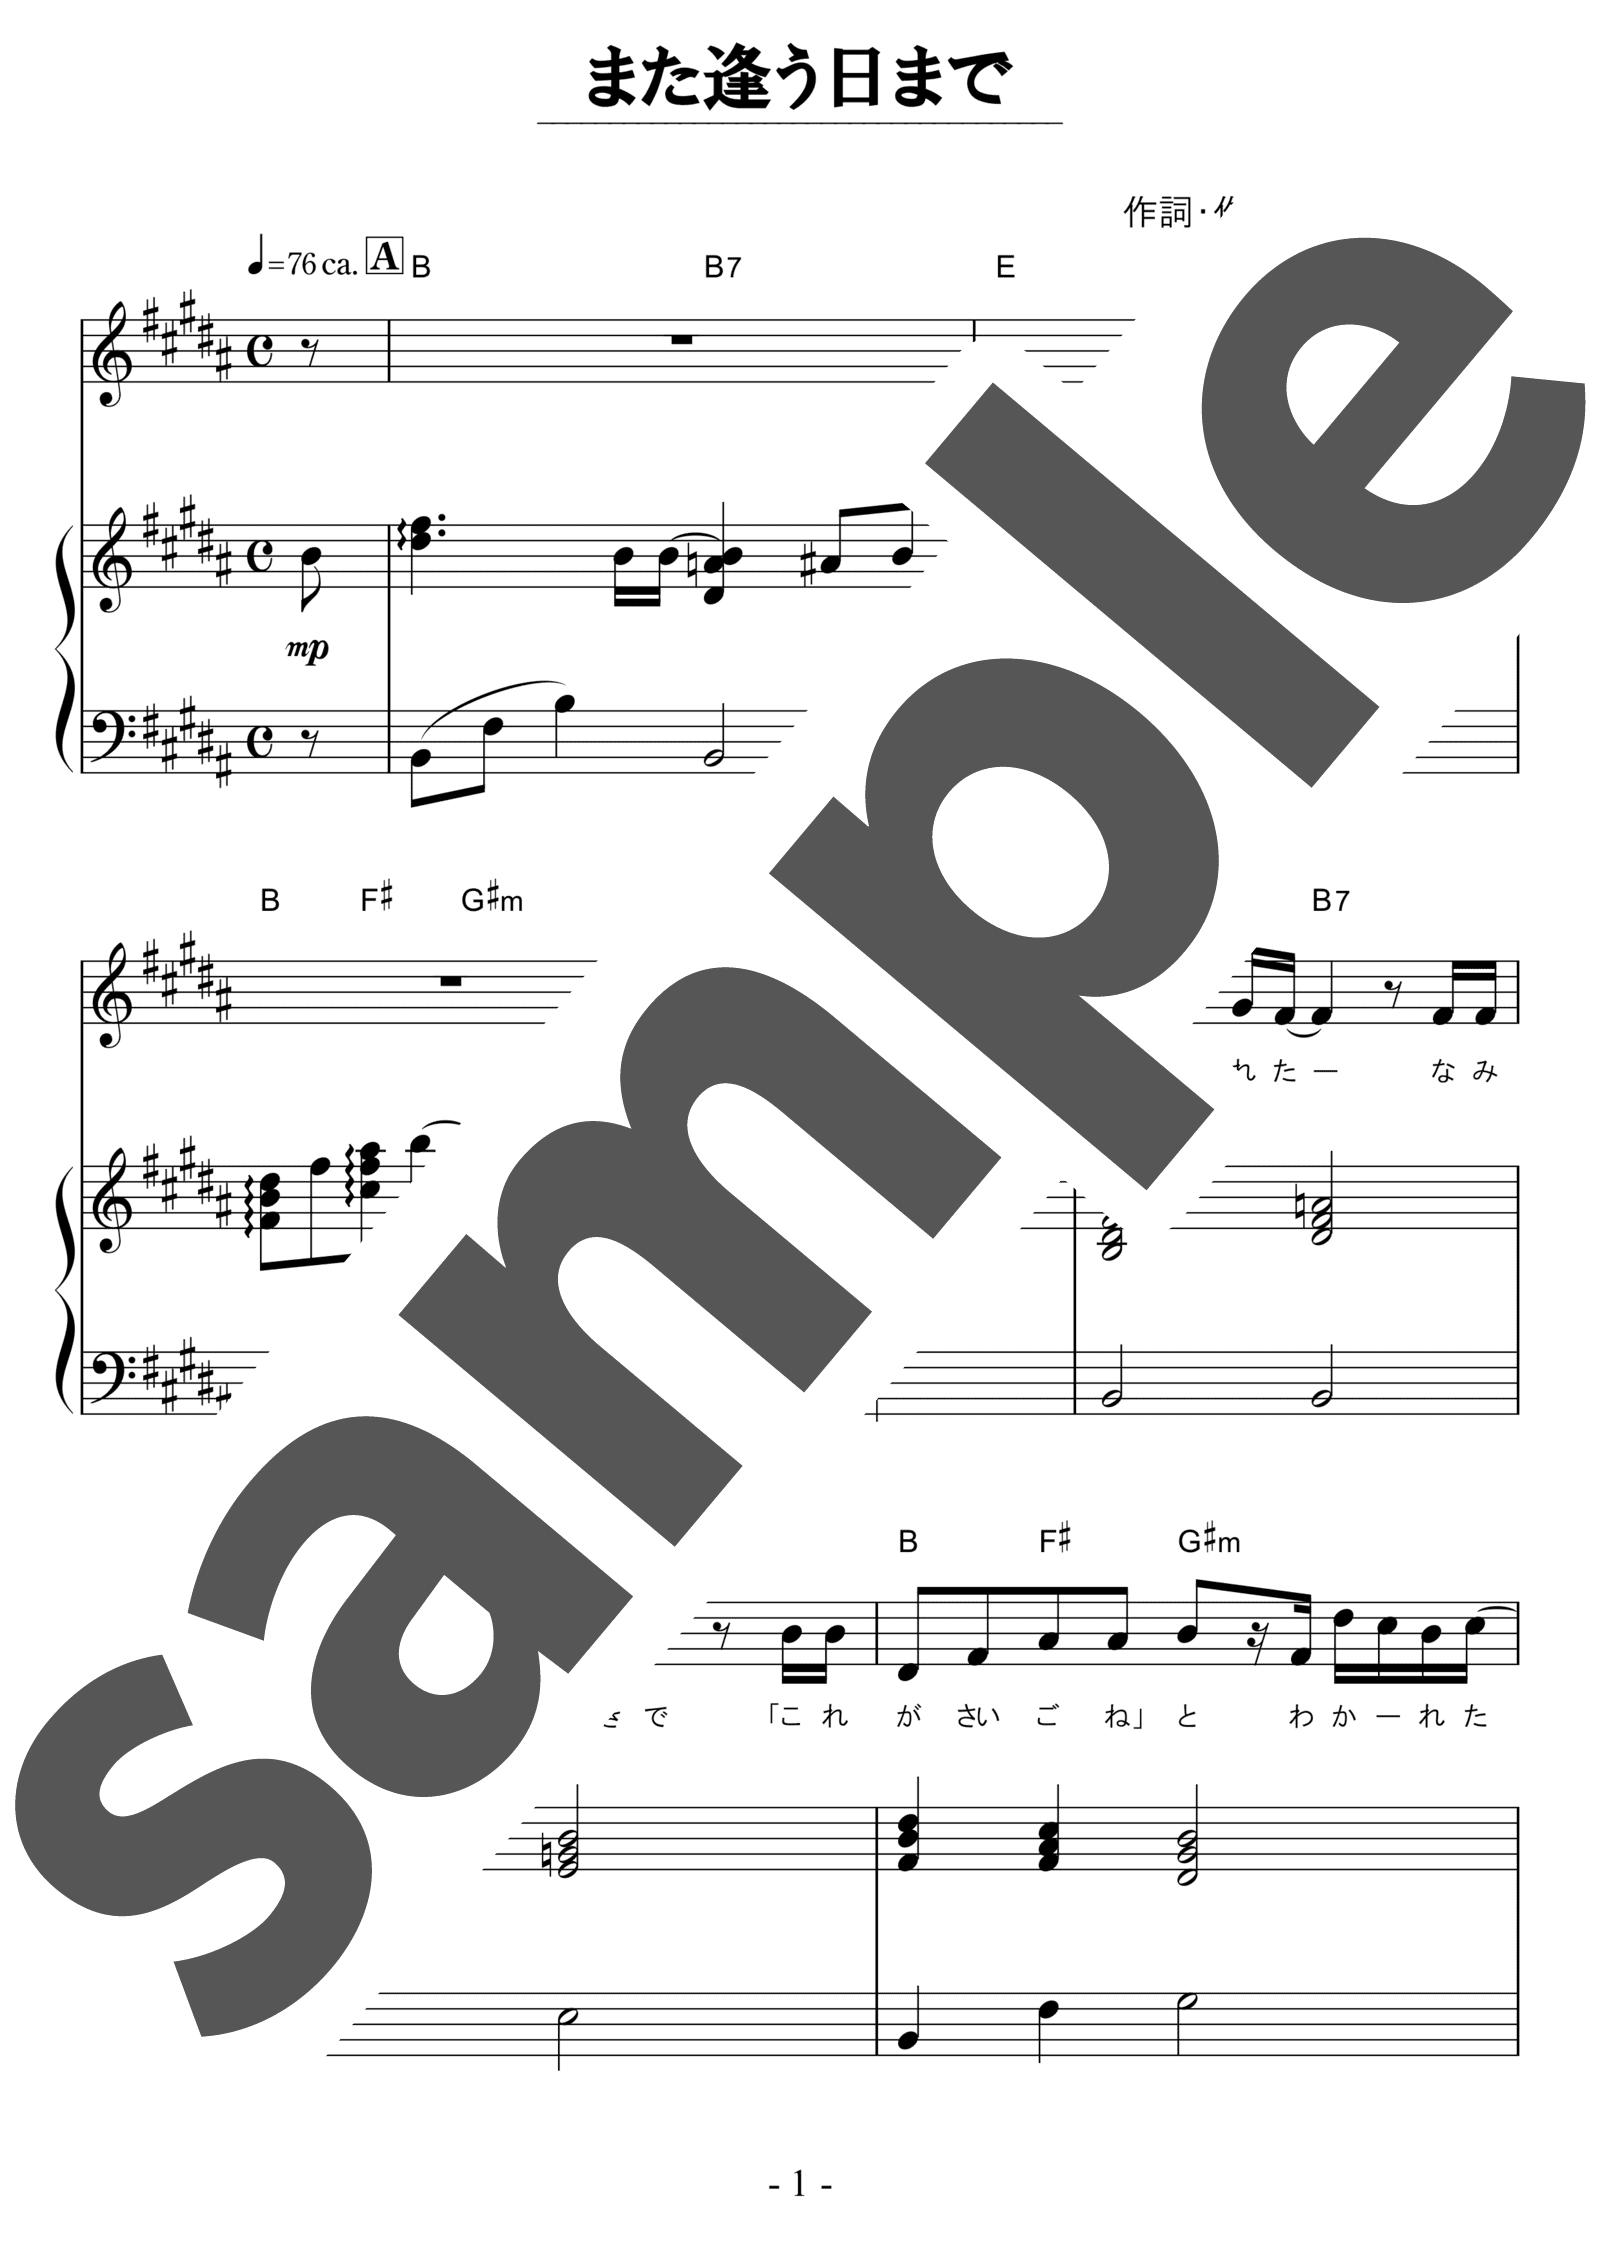 「また逢う日まで」のサンプル楽譜